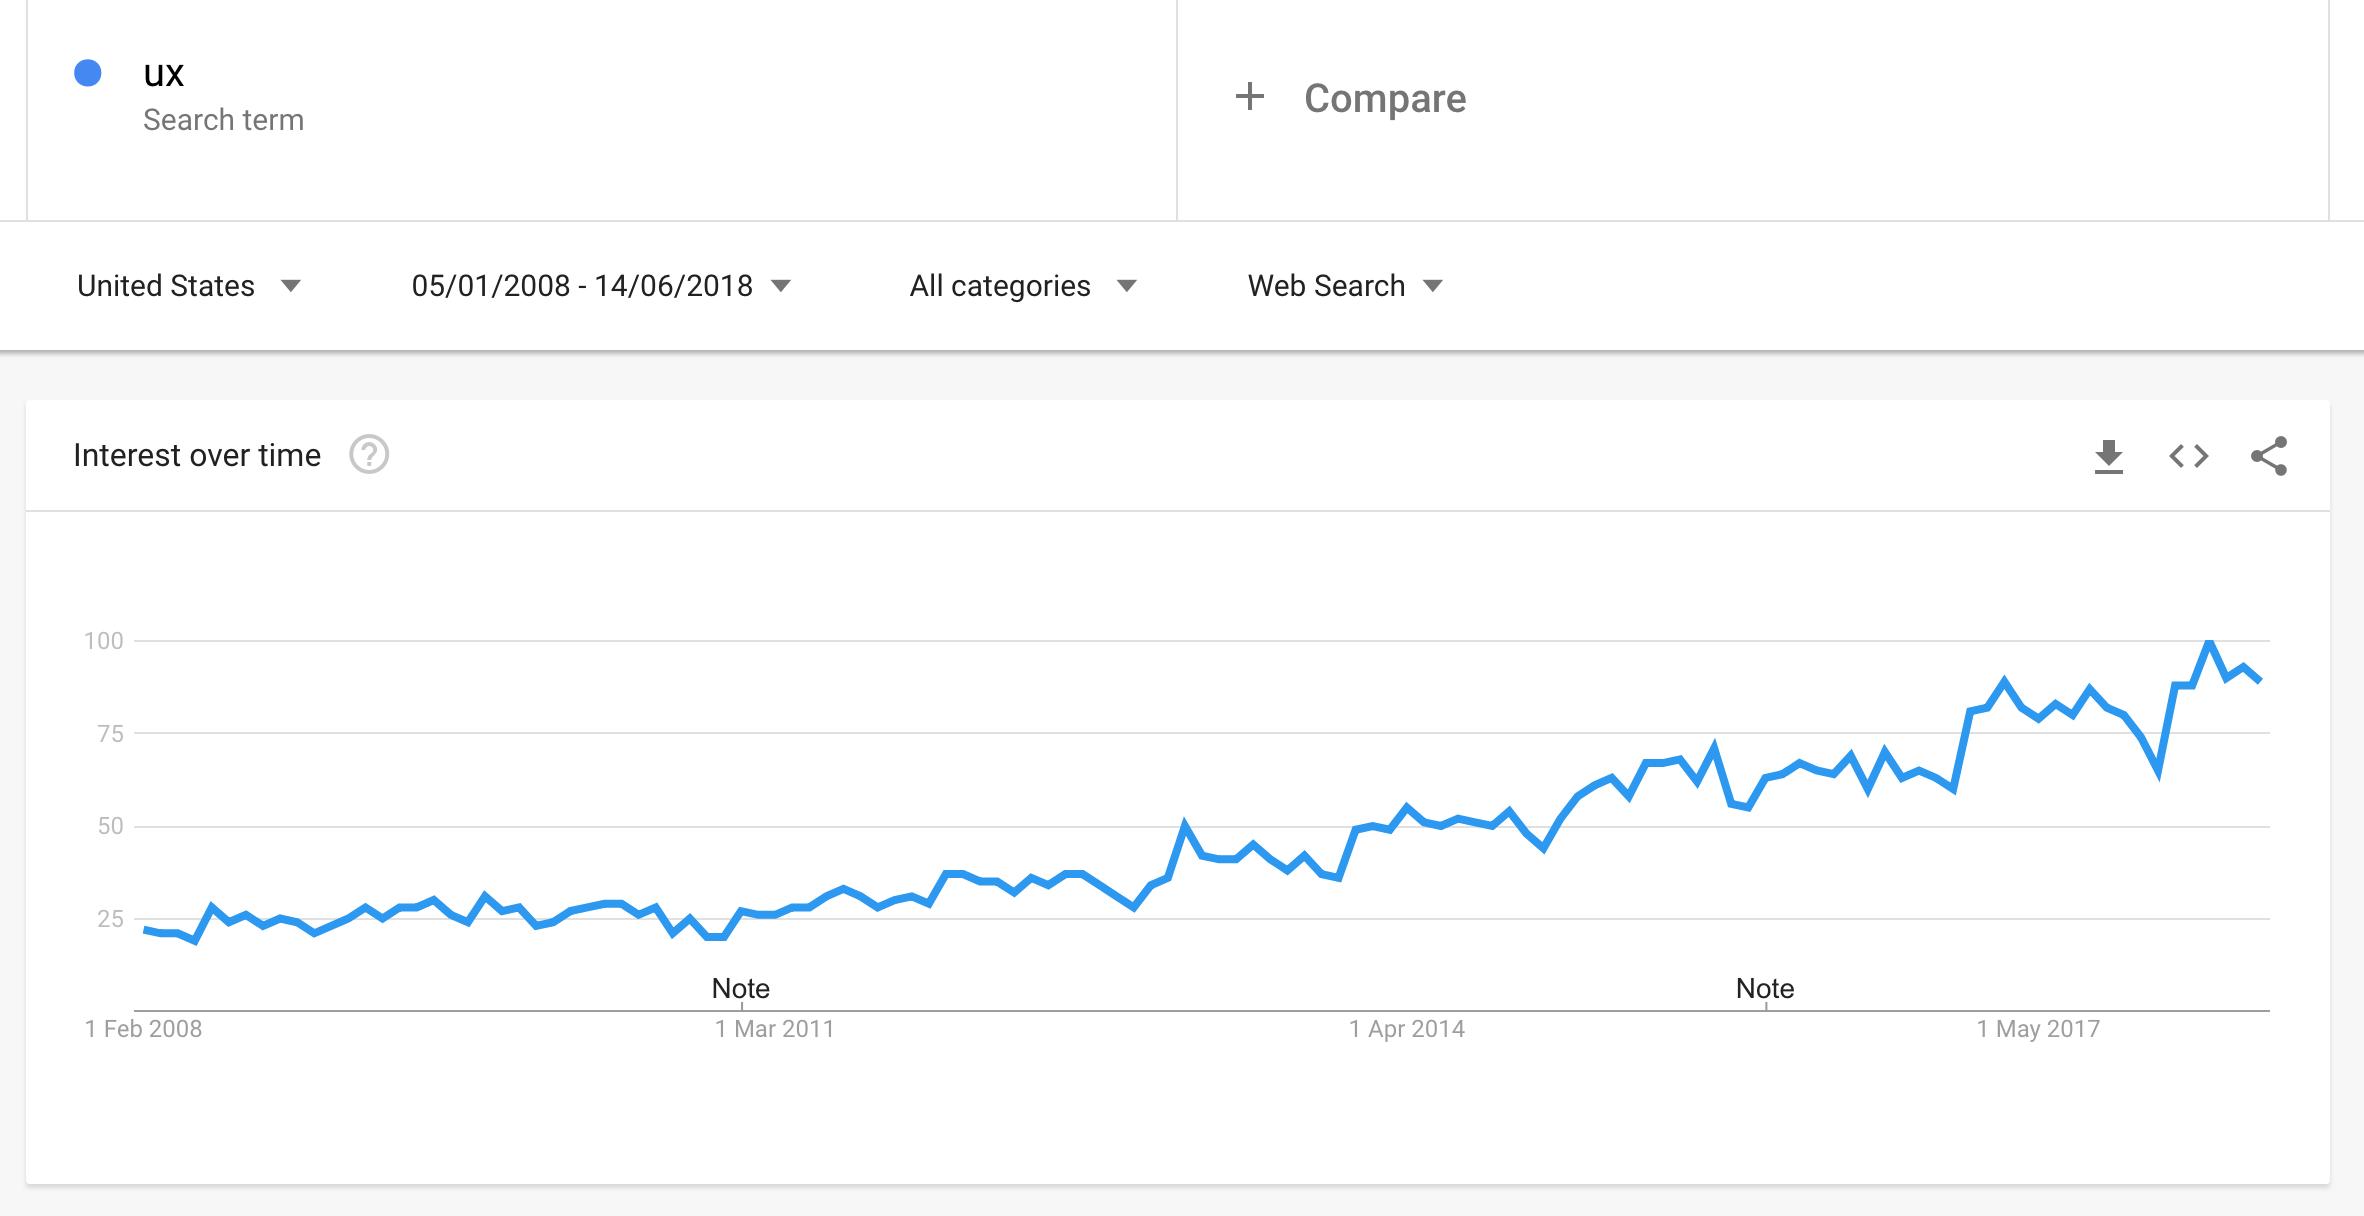 UX google trends